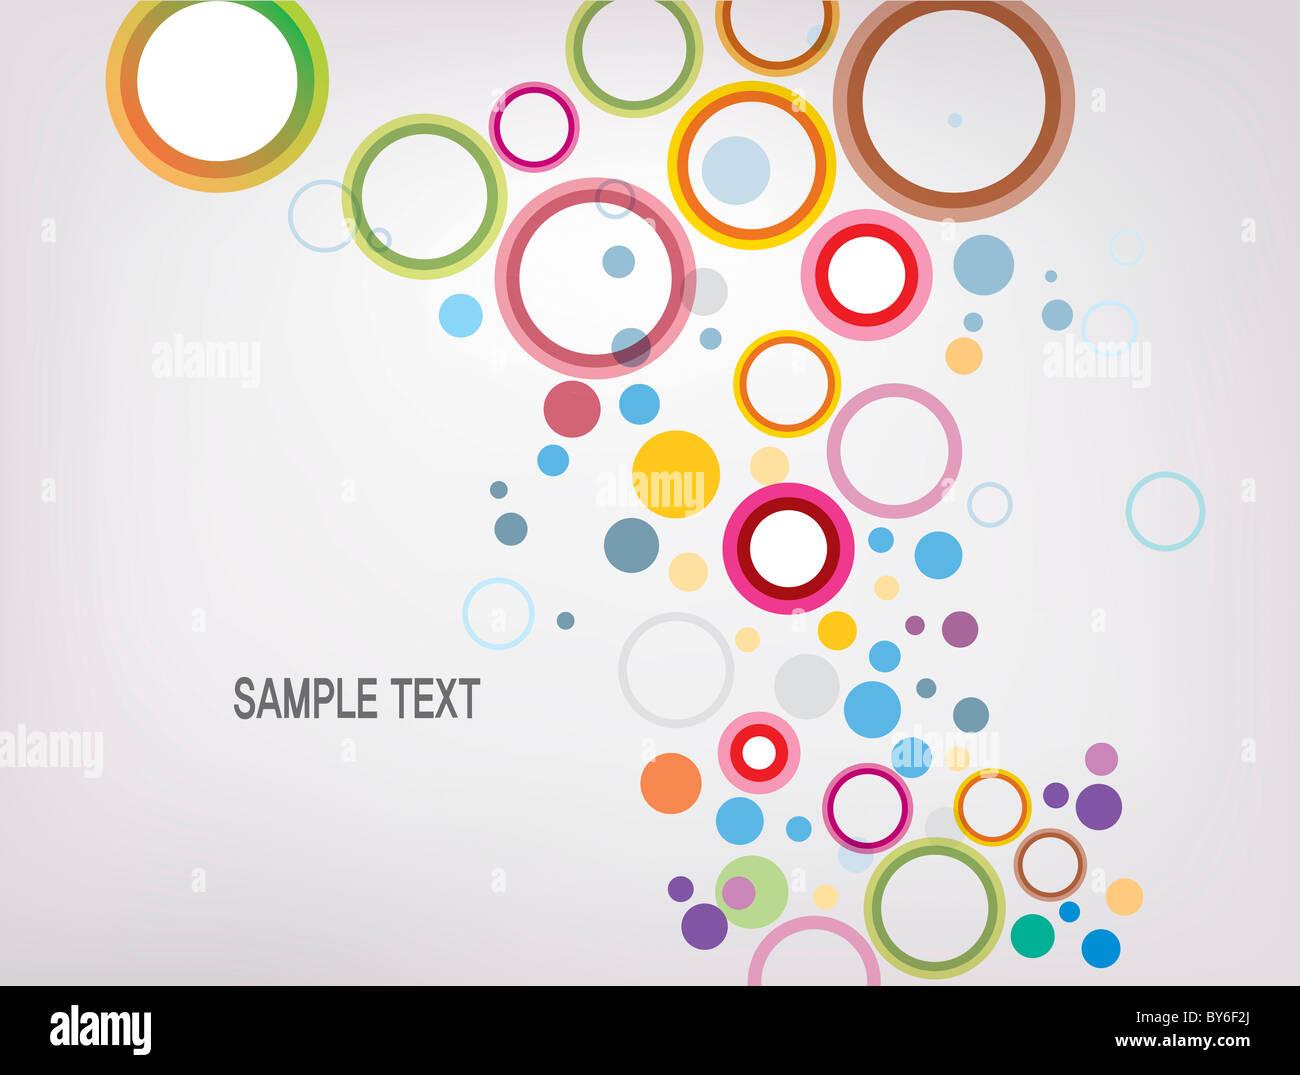 Ilustración de fondo en forma de gota Imagen De Stock